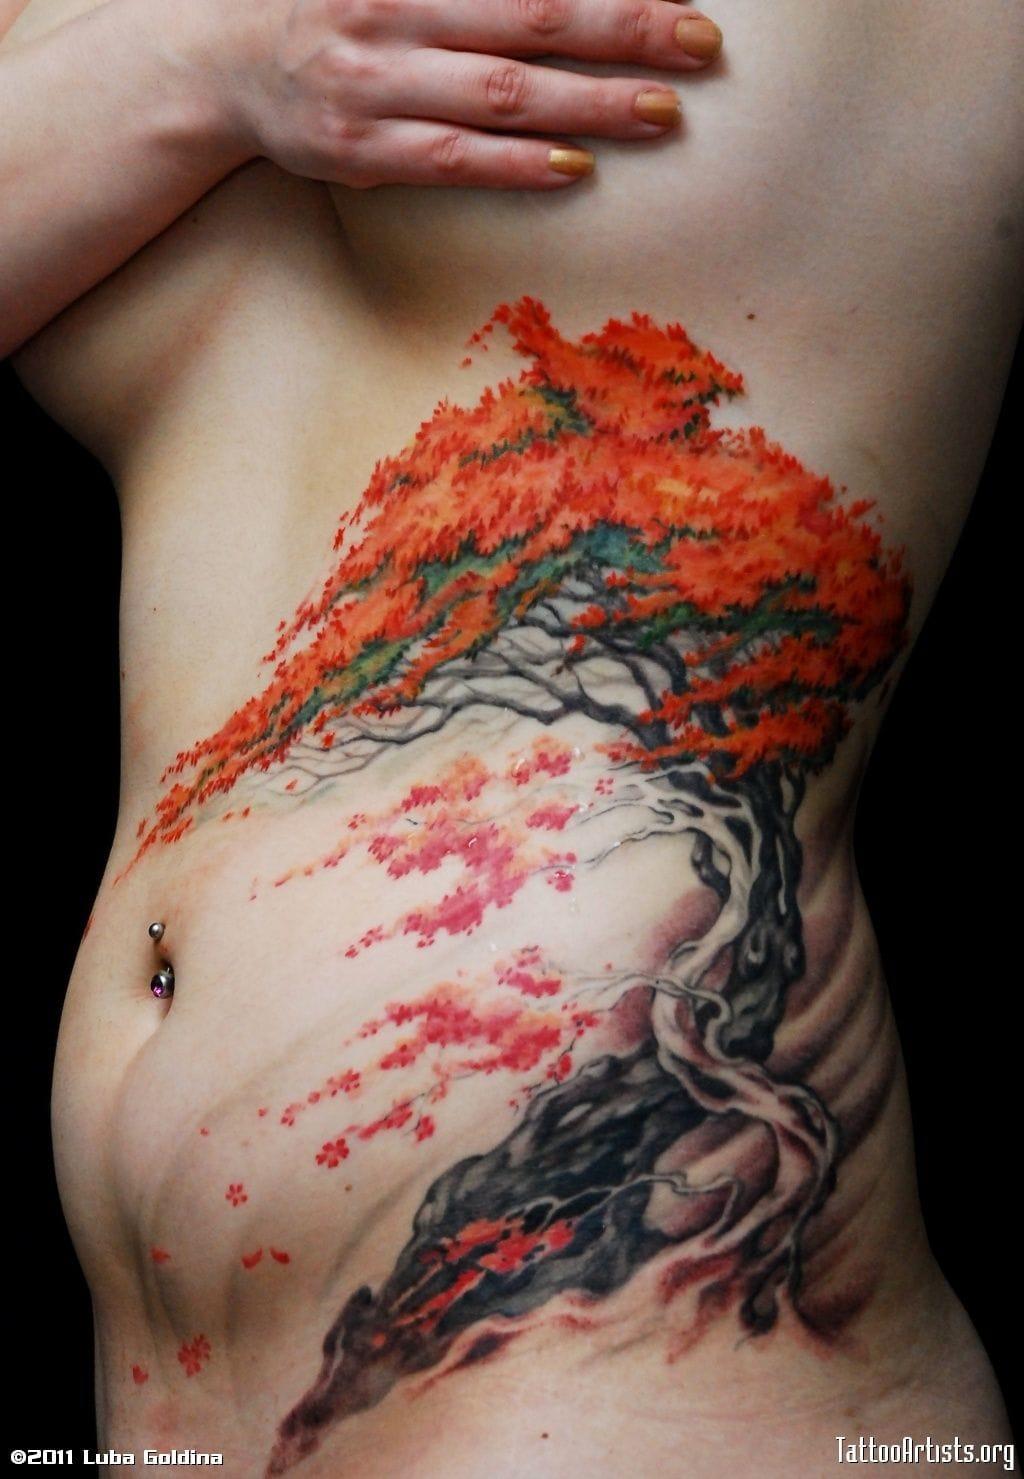 Amazing tree tattoo by Luba Goldina.